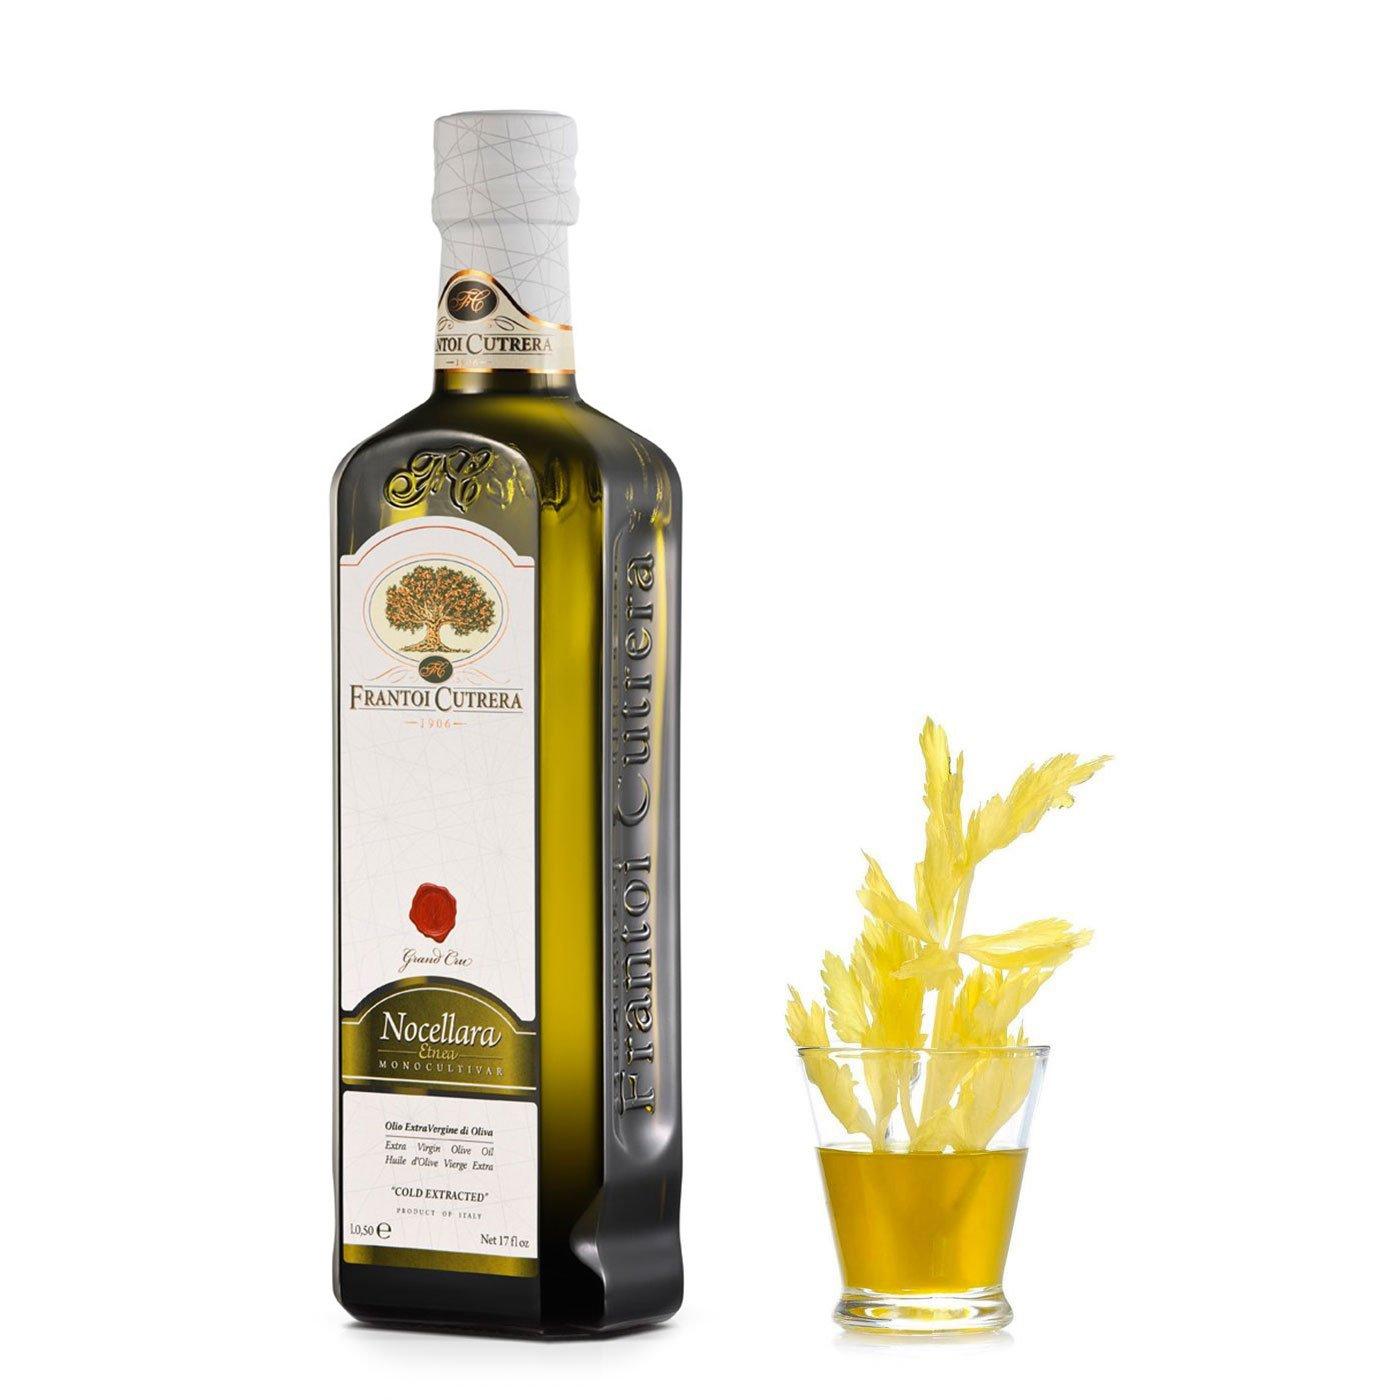 Frantoi Cutrera Ovile oil Gran Cru Nocellara Etnea 0,5l COL01 Frantoi Cutrera